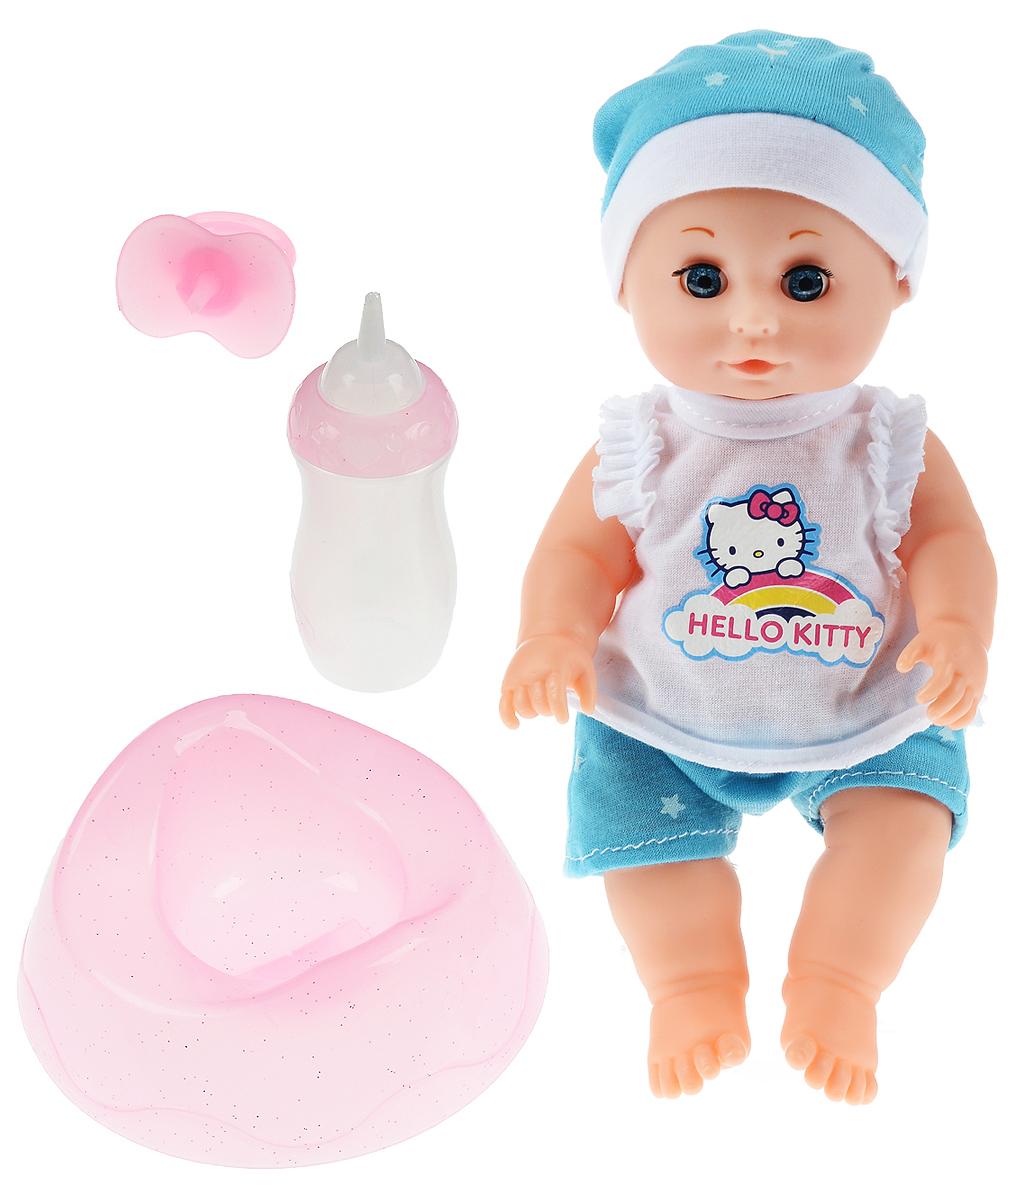 Карапуз Пупс Hello Kitty цвет одежды белый голубой куклы карапуз пупс карапуз 20см 3 функции пьет писает закрывает глазки в ванне с аксессуарами